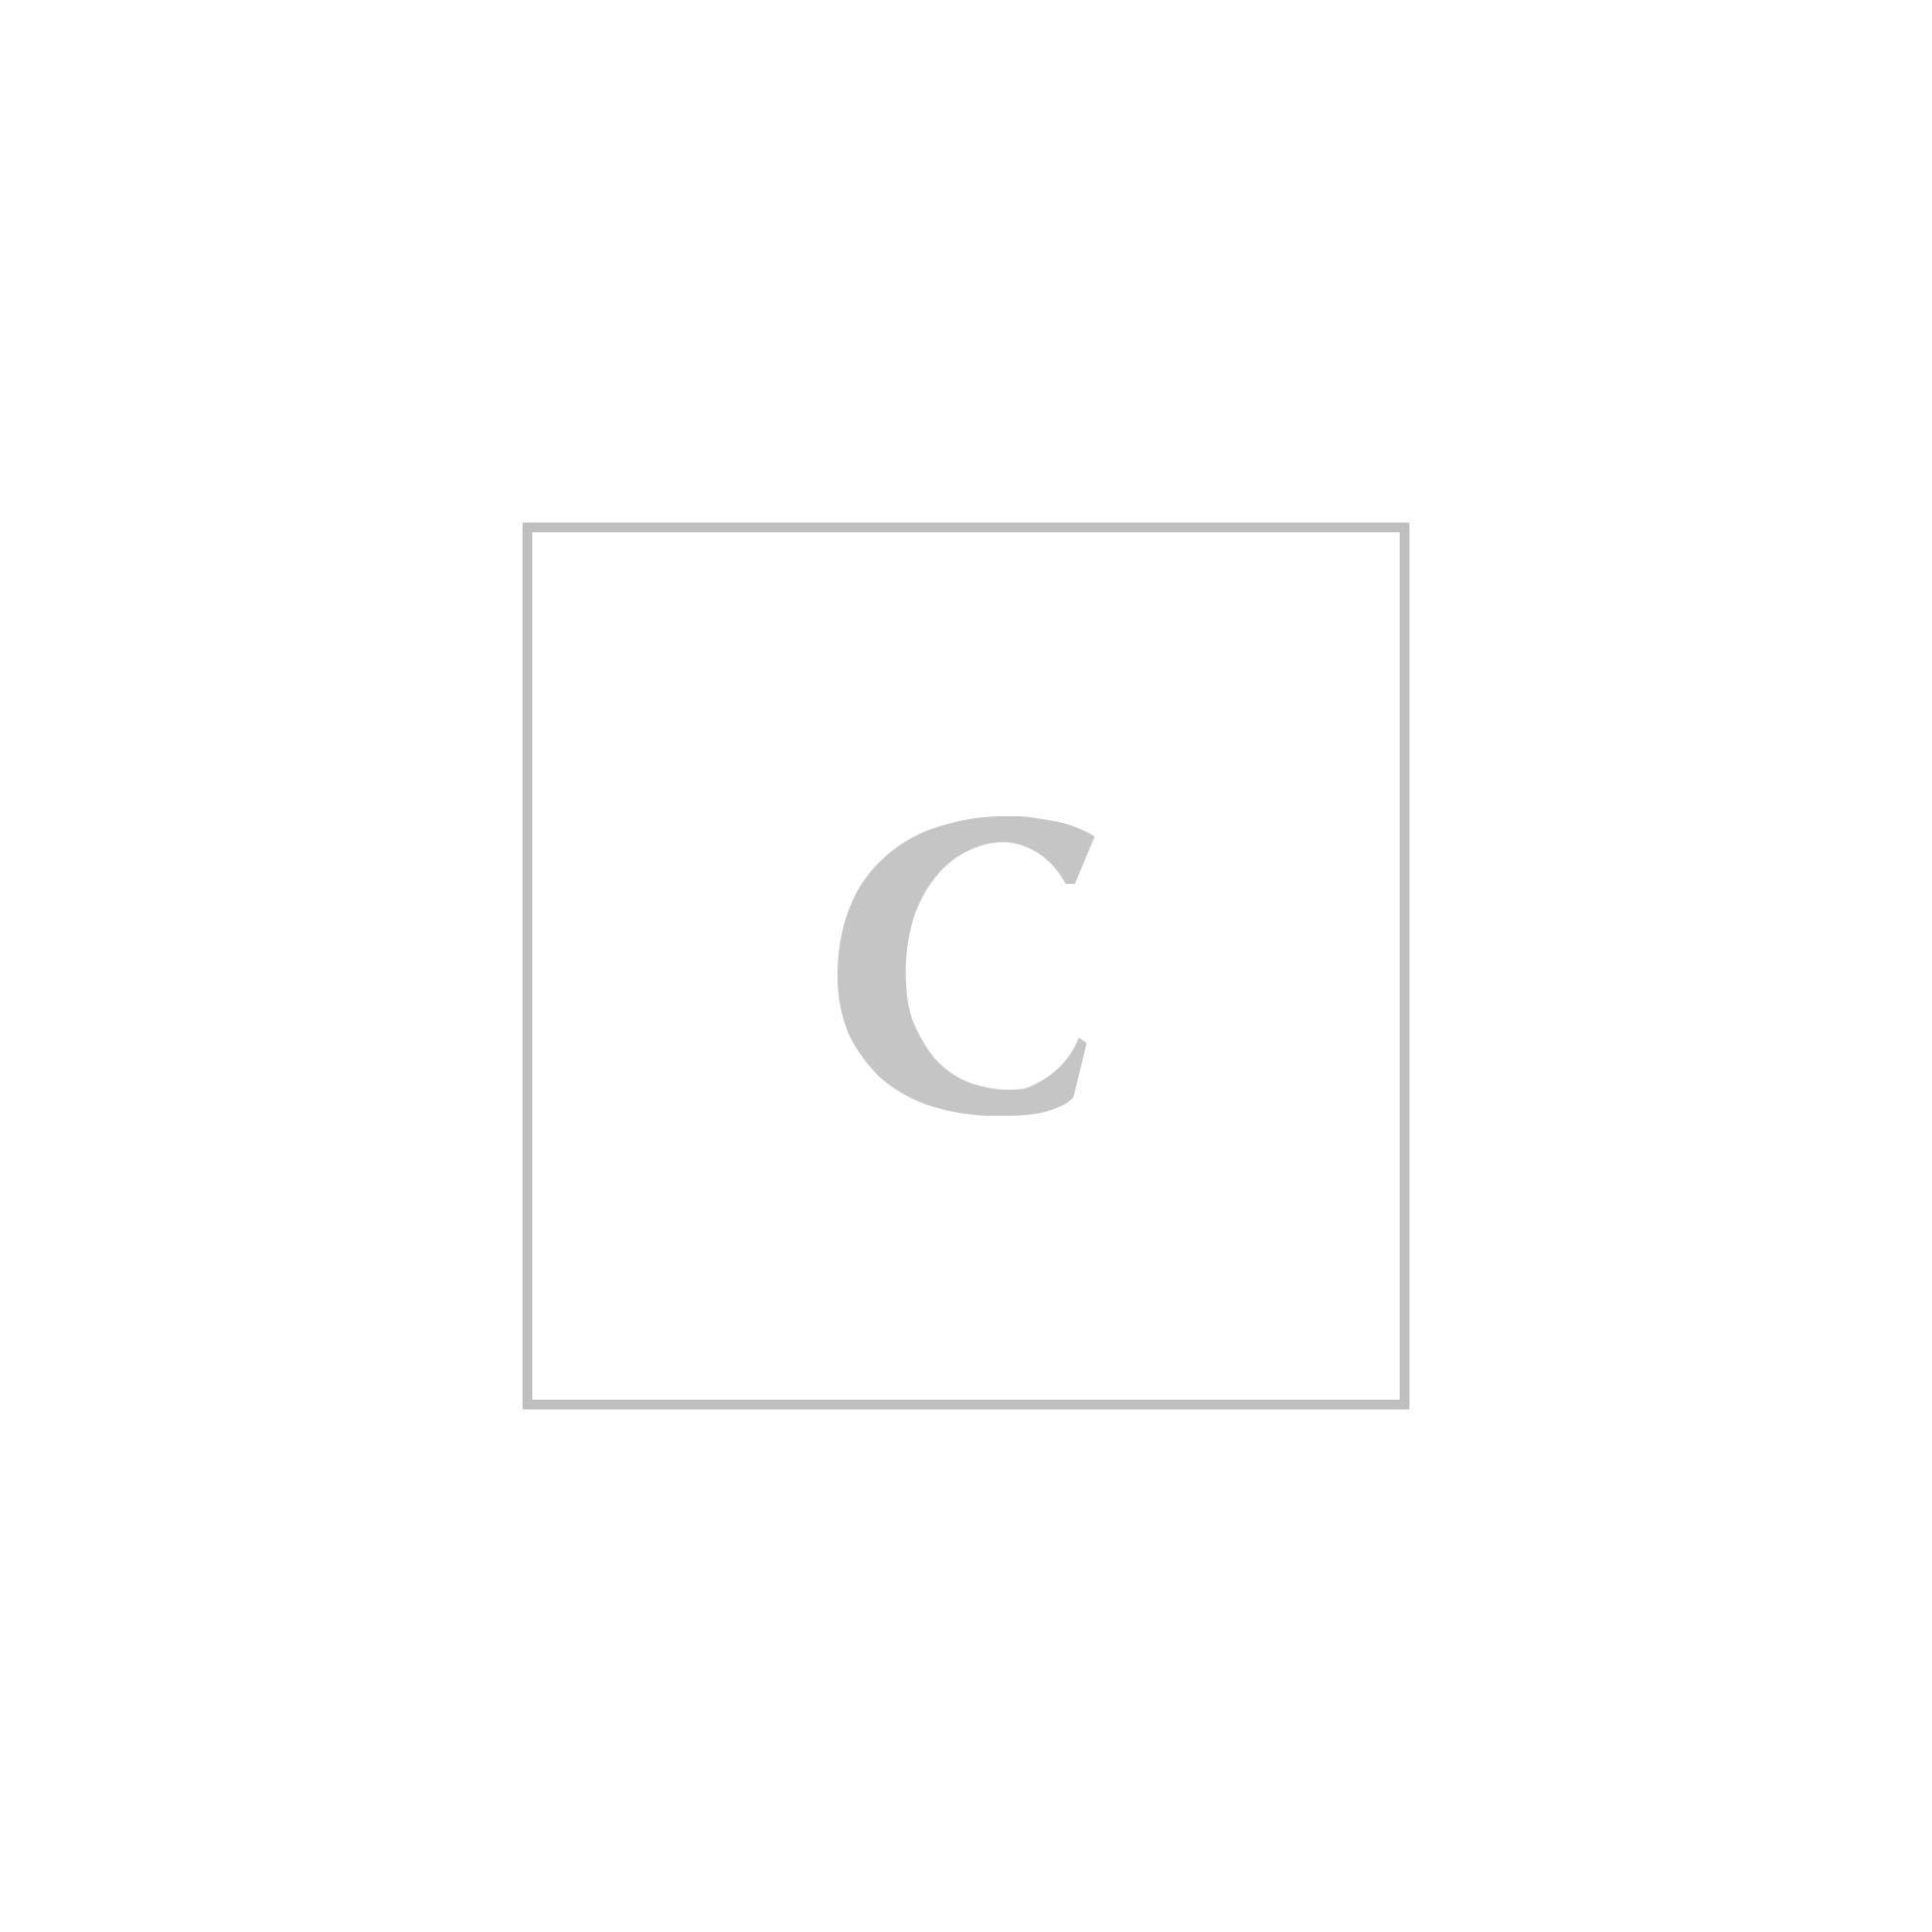 Saint laurent ysl pochette monogram grain de poudre